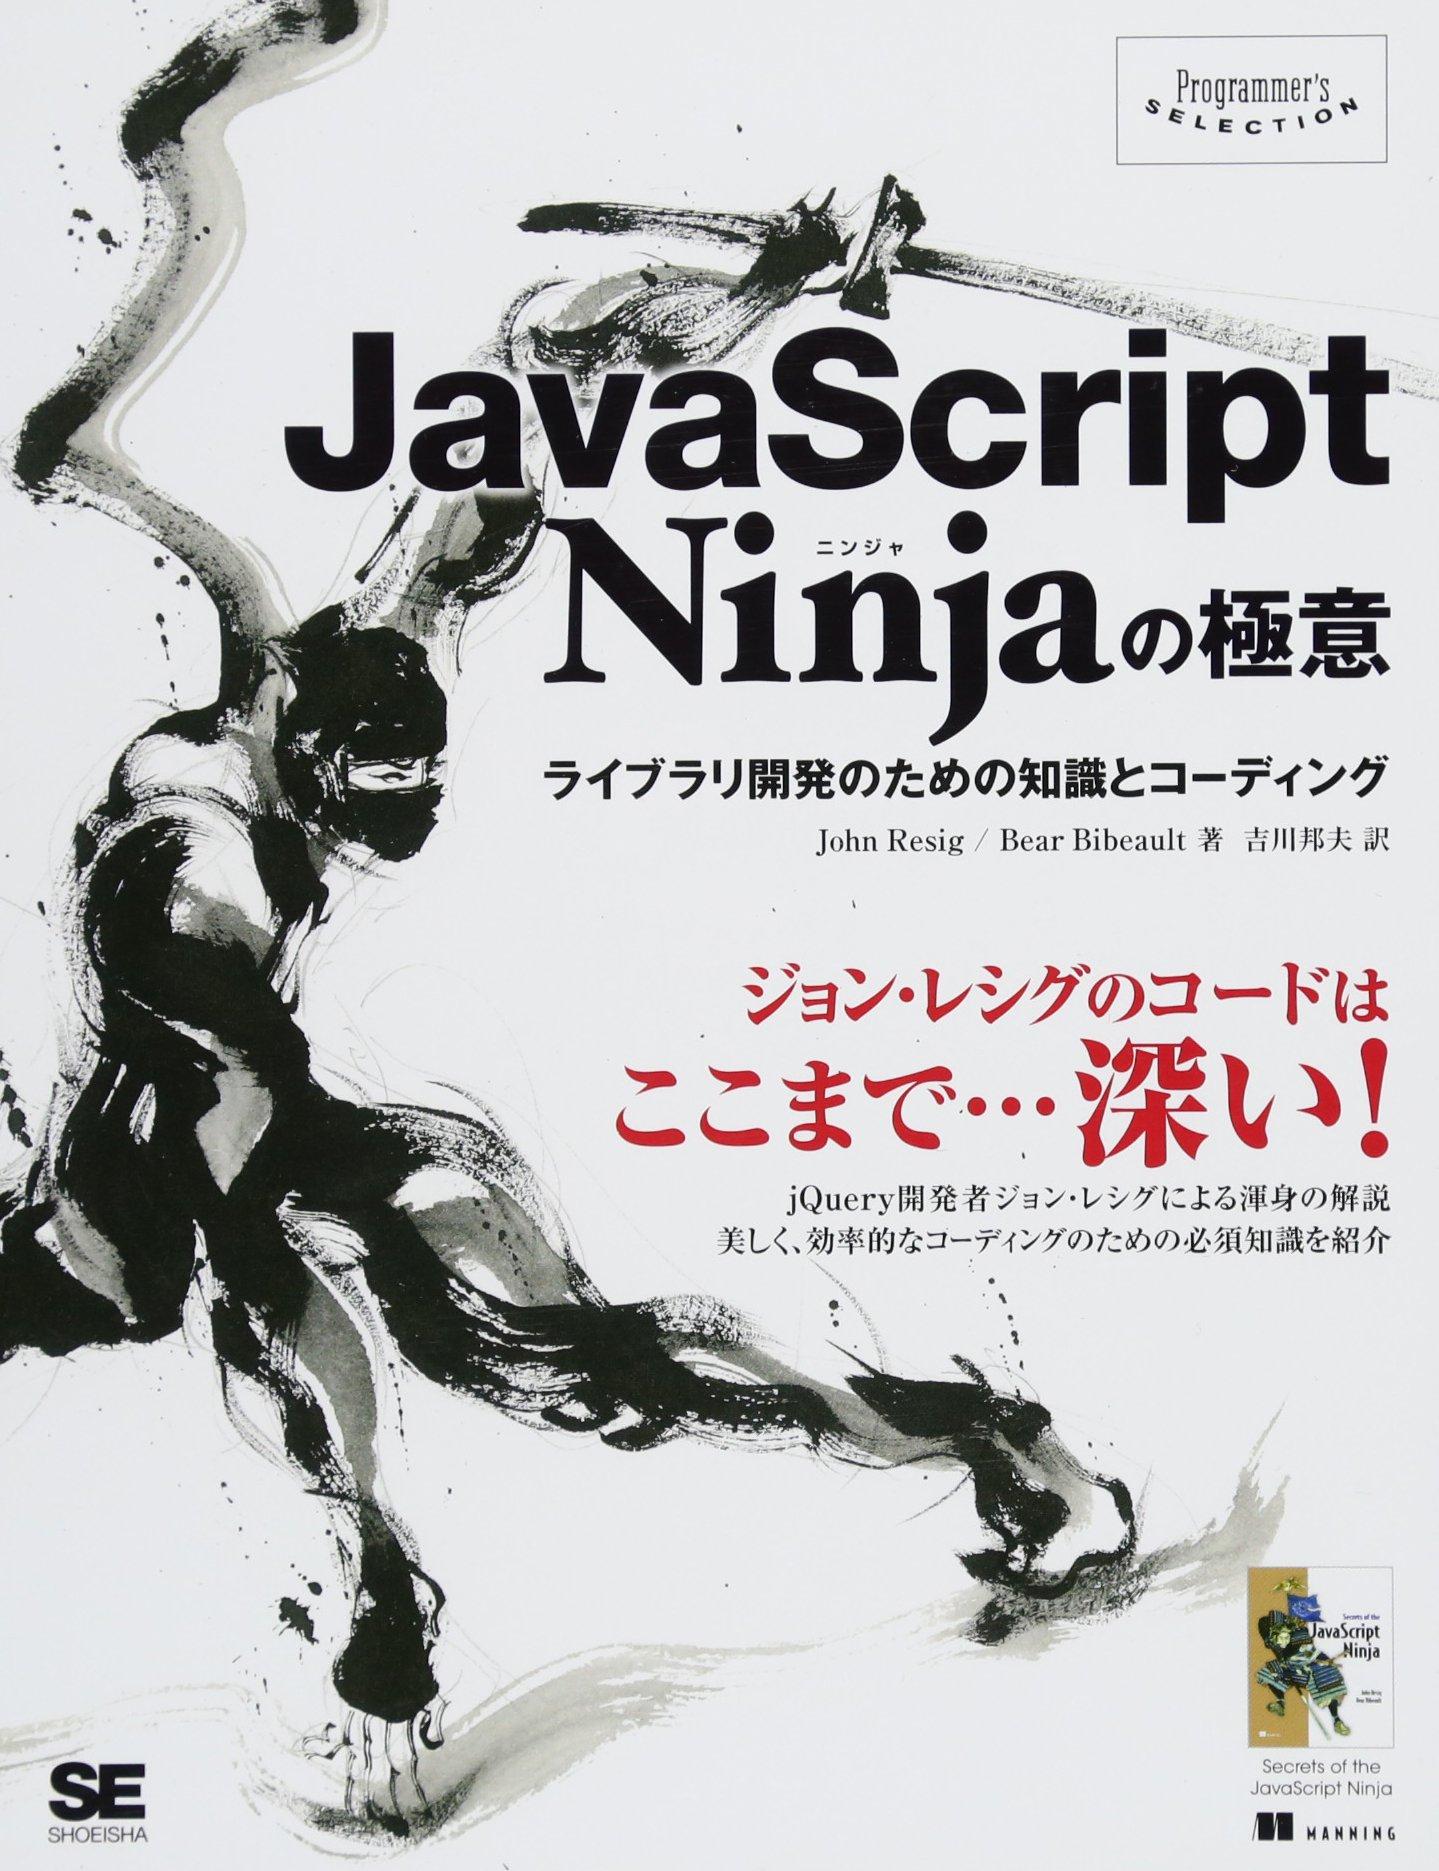 Jaba sukuriputo ninja no gokui : Raiburari kaihatsu no tame ...